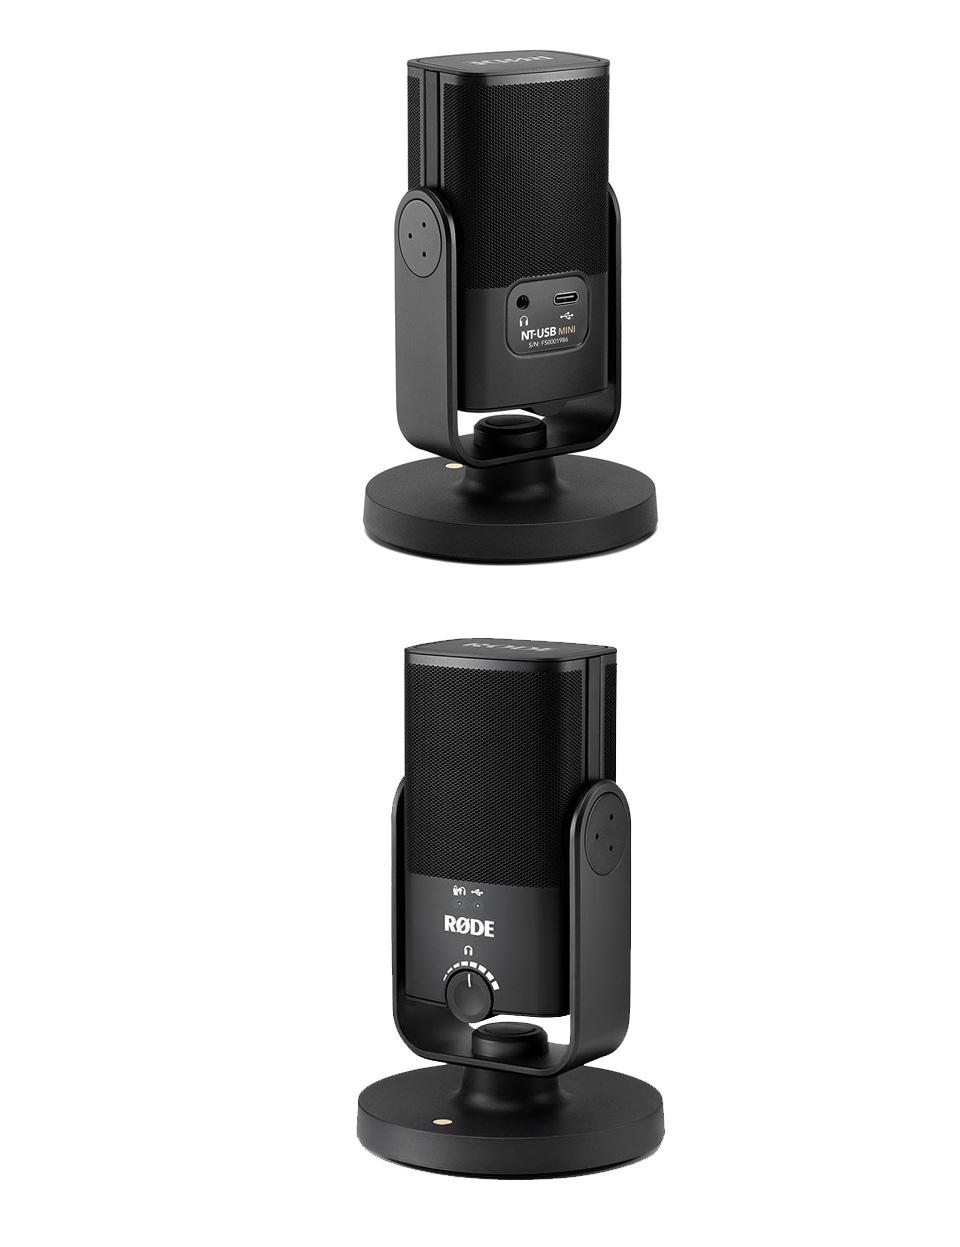 RODE NT-USB Mini Studio-Quality USB Microphone product